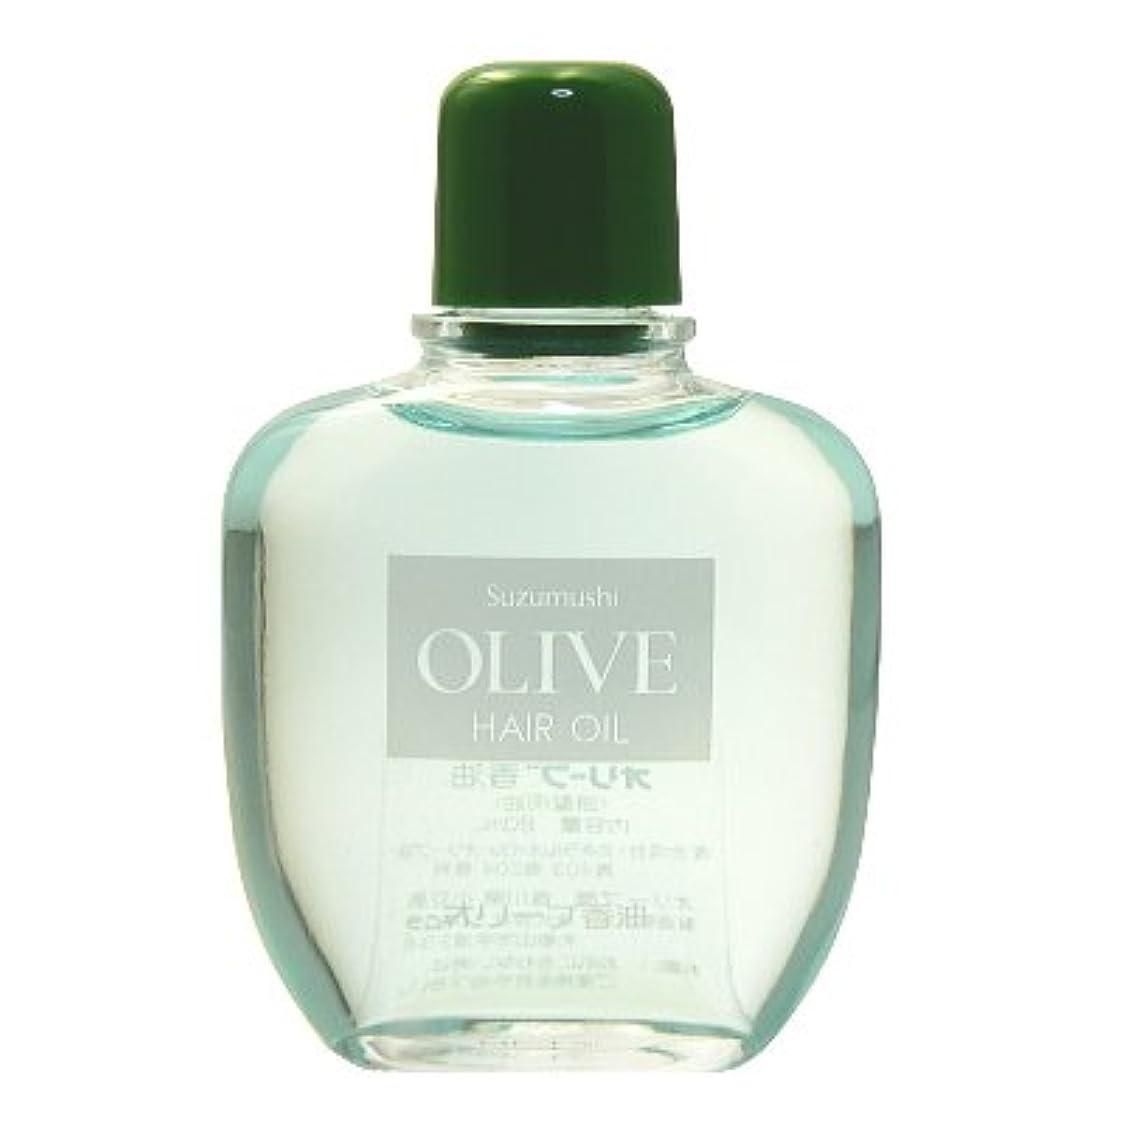 引き出し白鳥海岸鈴虫化粧品 オリーブ香油(頭髪用油)80ml